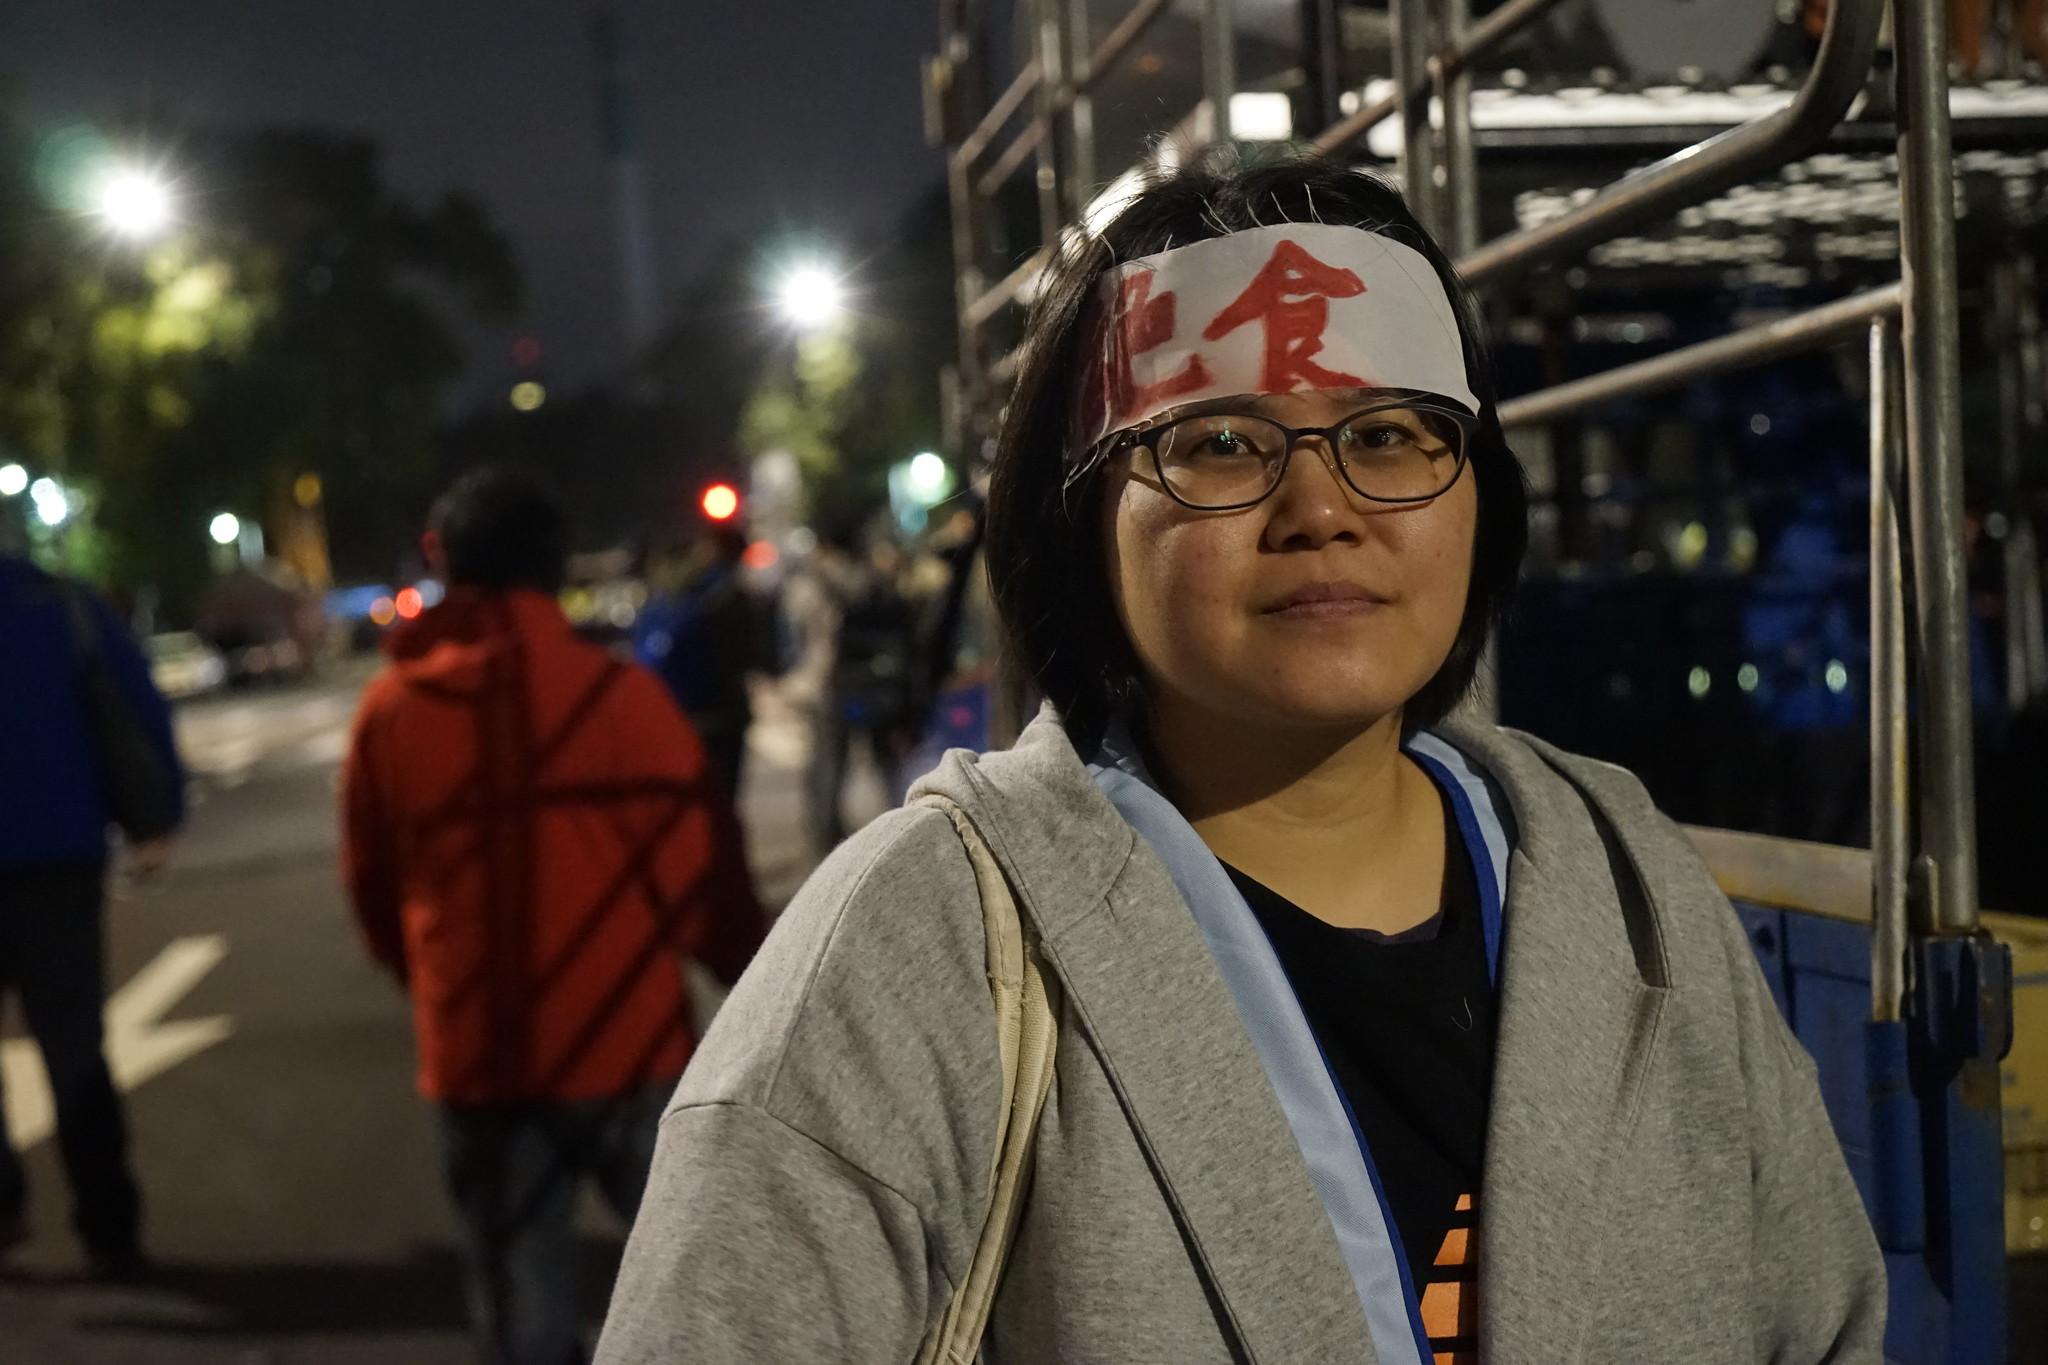 空服員工會秘書長林佳瑋截至今晚6點已絕食突破80小時,她表示,還會繼續堅持下去。(攝影:張智琦)